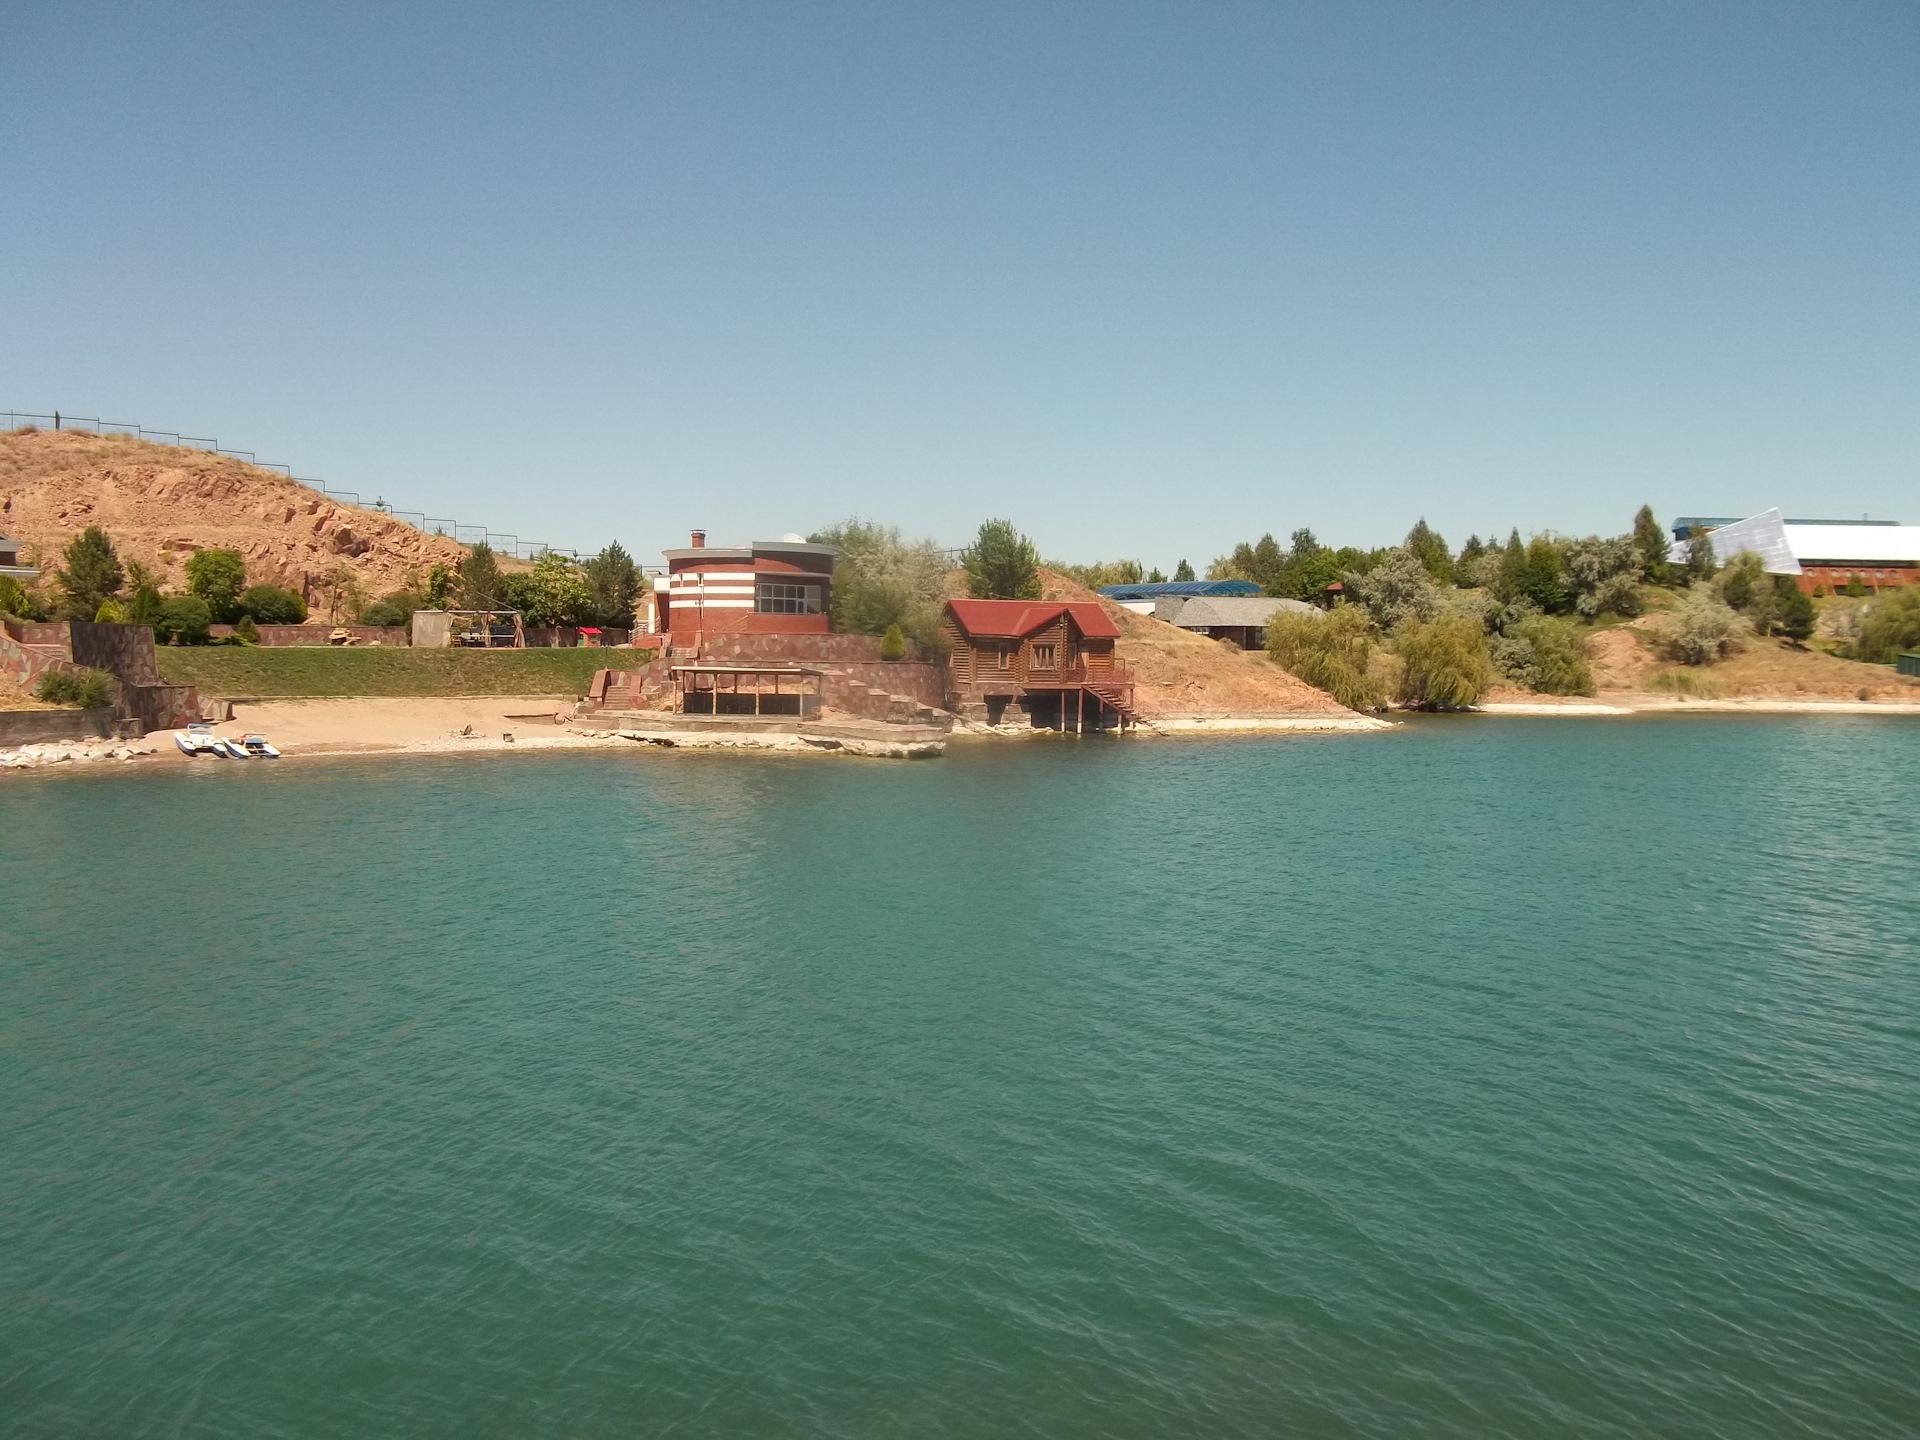 Картинки капчагайское водохранилище